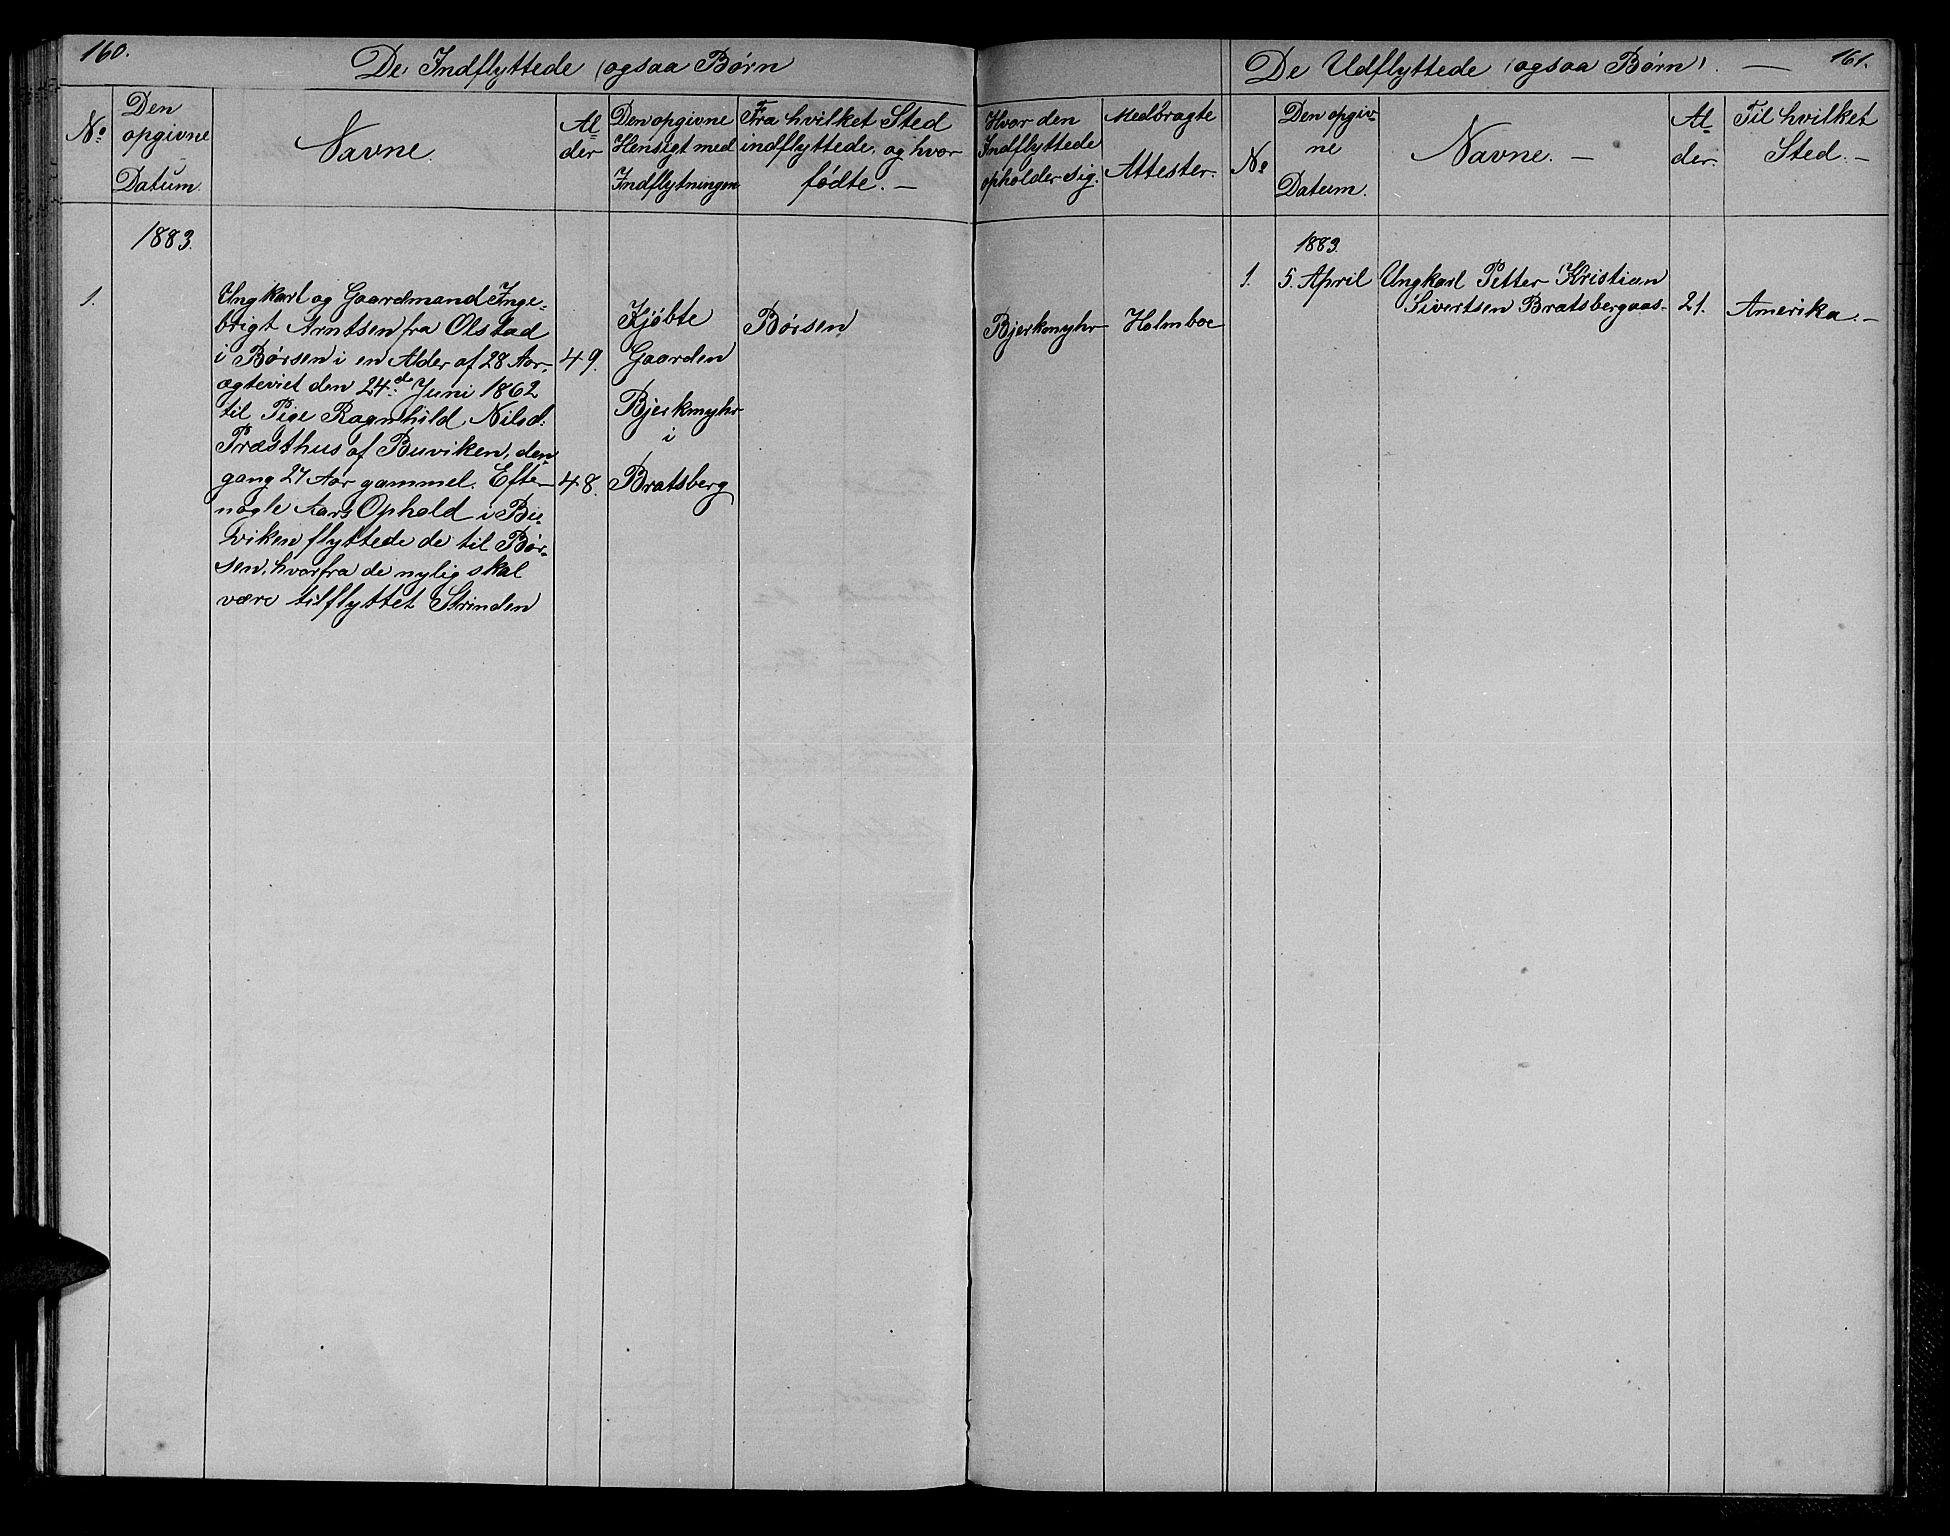 SAT, Ministerialprotokoller, klokkerbøker og fødselsregistre - Sør-Trøndelag, 608/L0340: Klokkerbok nr. 608C06, 1864-1889, s. 160-161